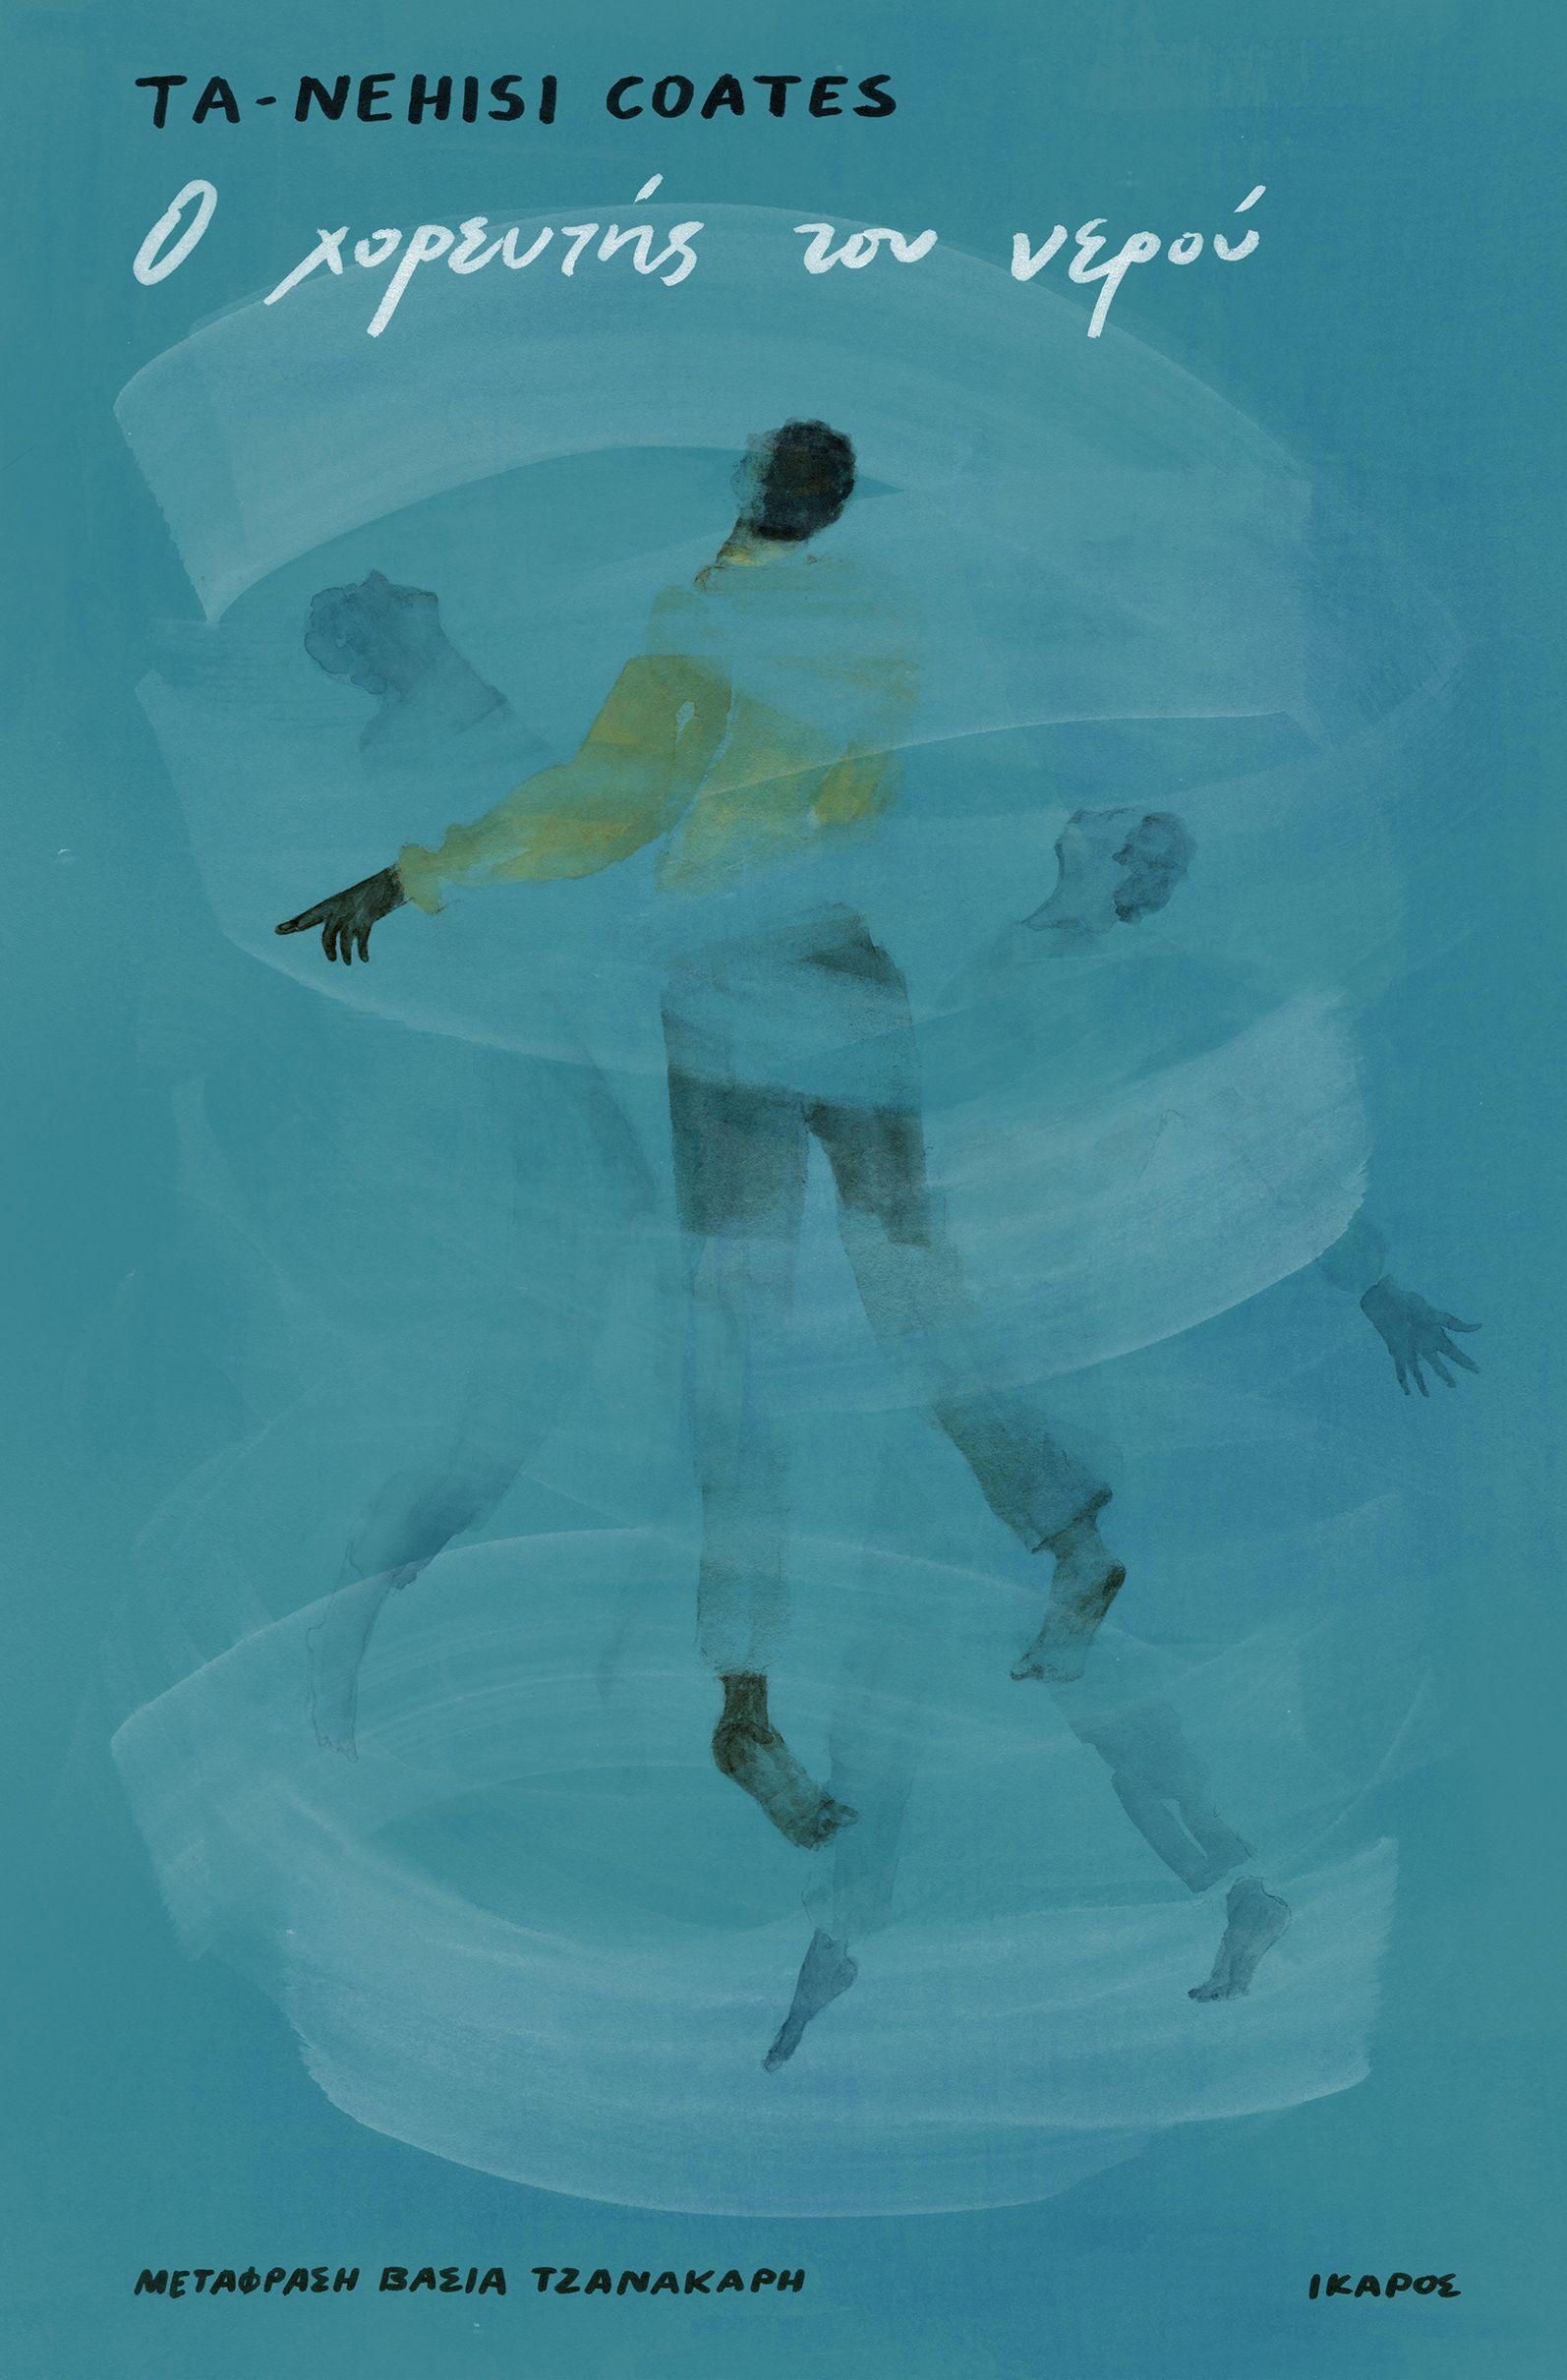 Ο χορευτής του νερού